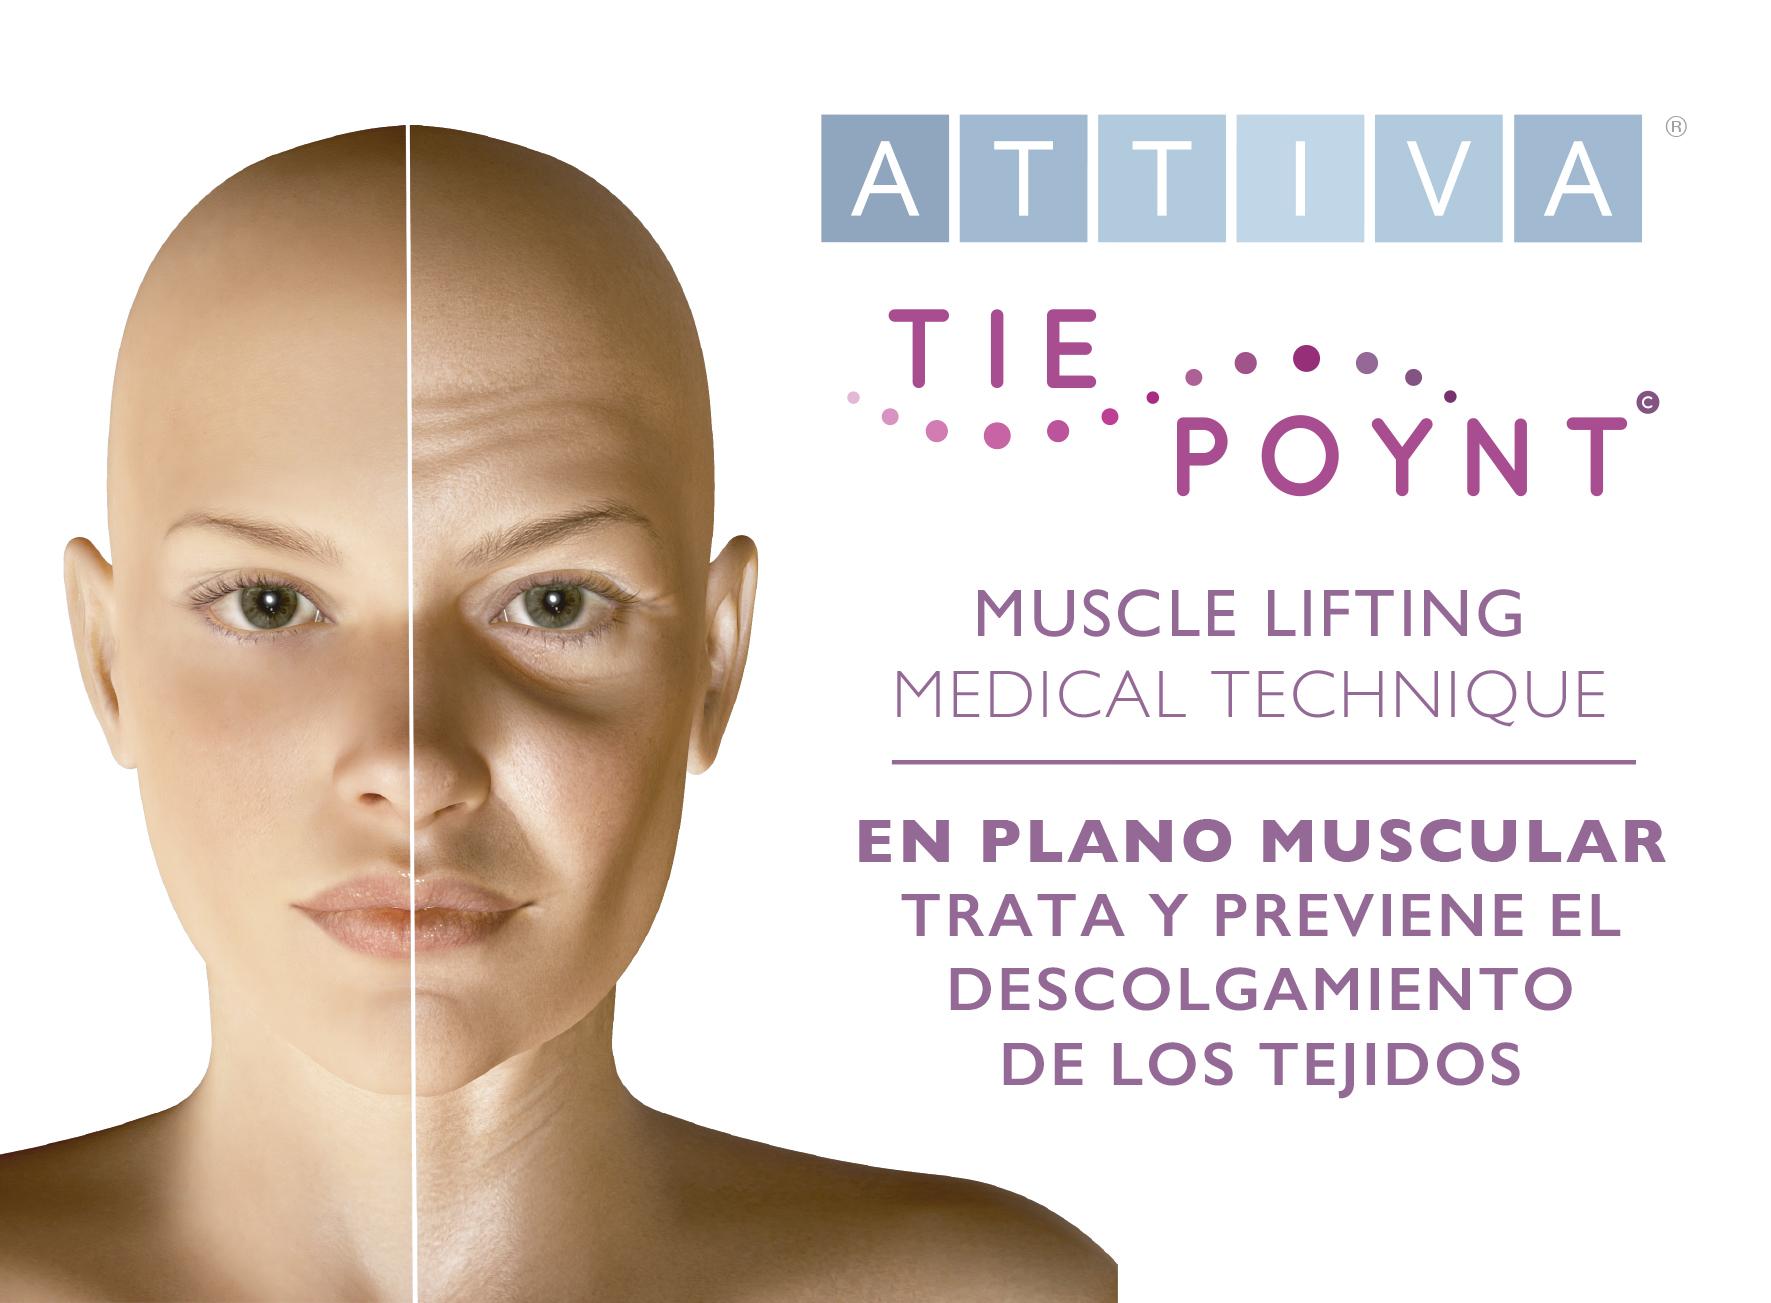 tie poynt, lifting muscular attiva, flacidez cuello, belium ativarf